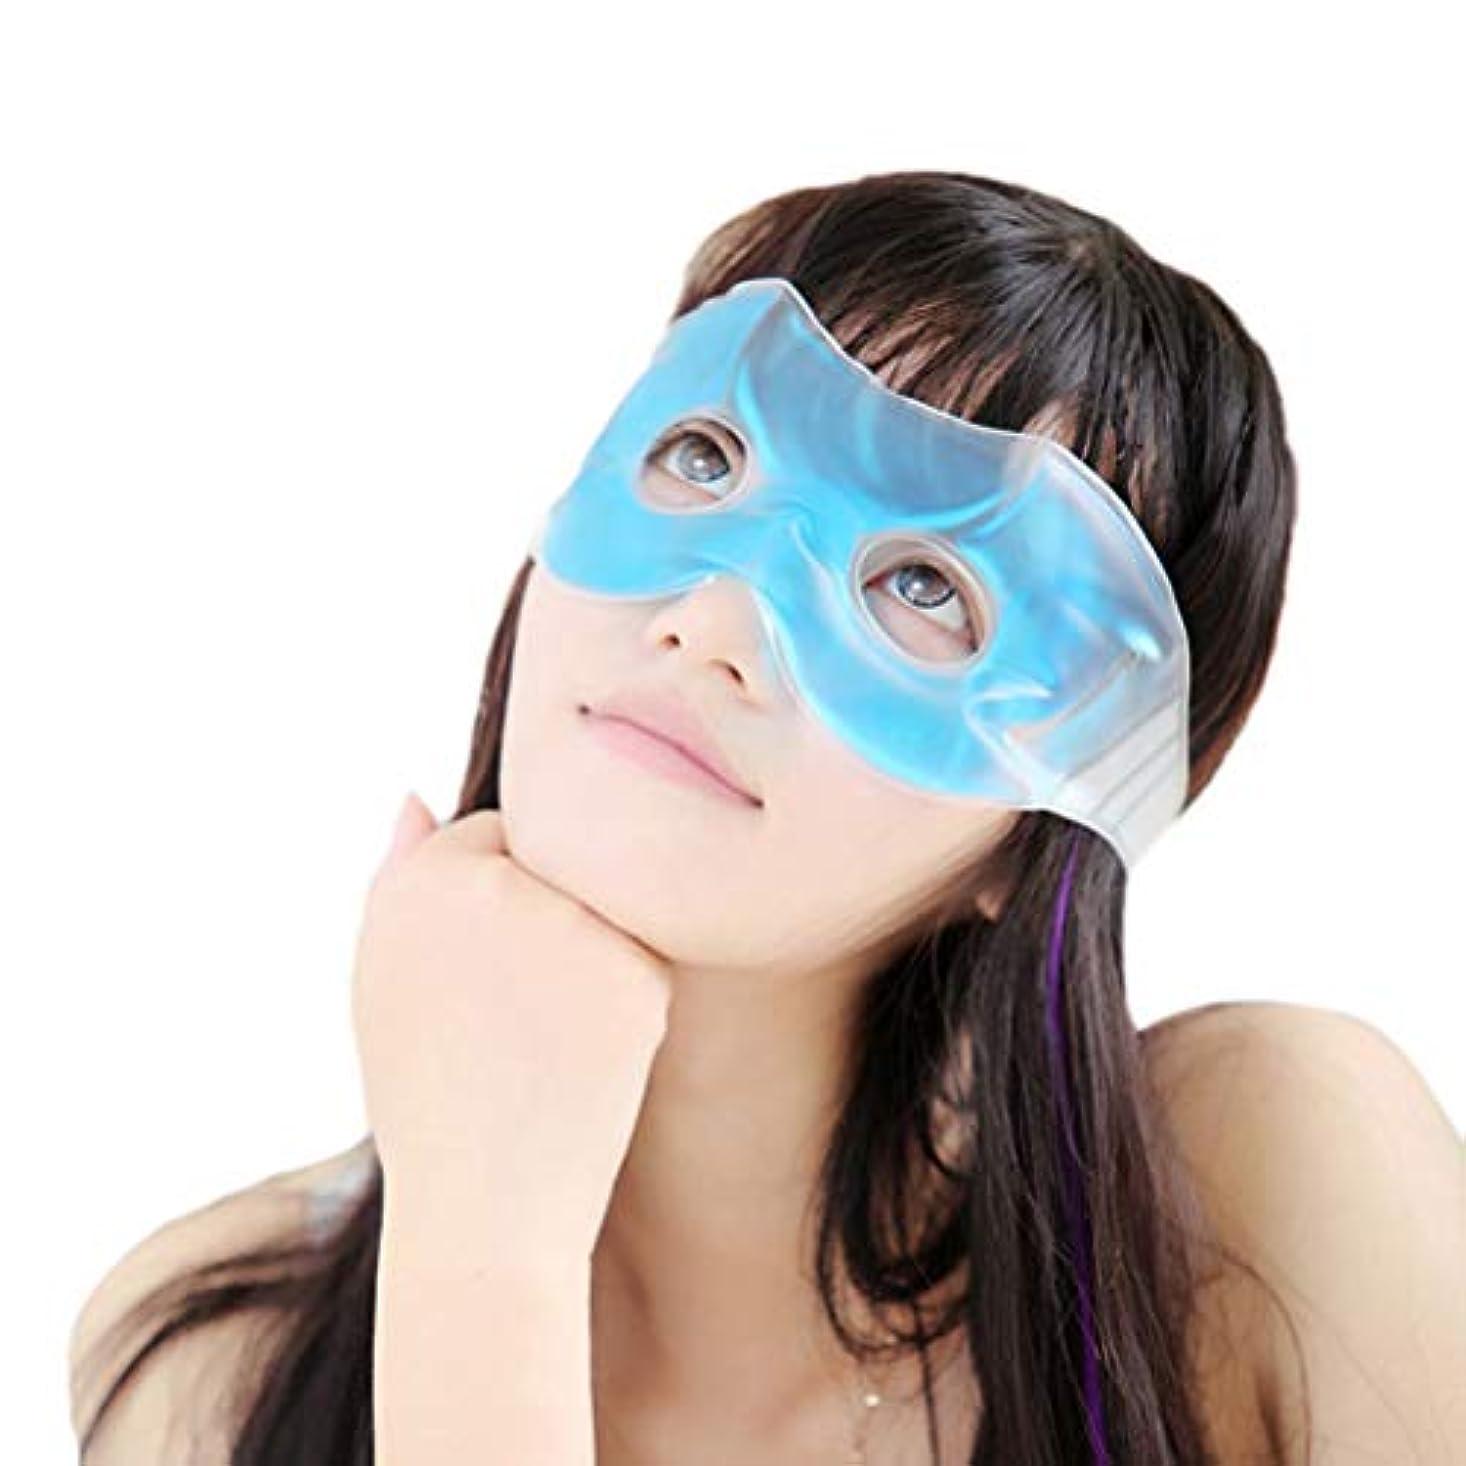 ヘルメットセグメントコジオスコHeallilyアイスアイマスク睡眠アイスパッチ冷却リラックスブラインド快適なパッチ用アイパフネスダークサークル